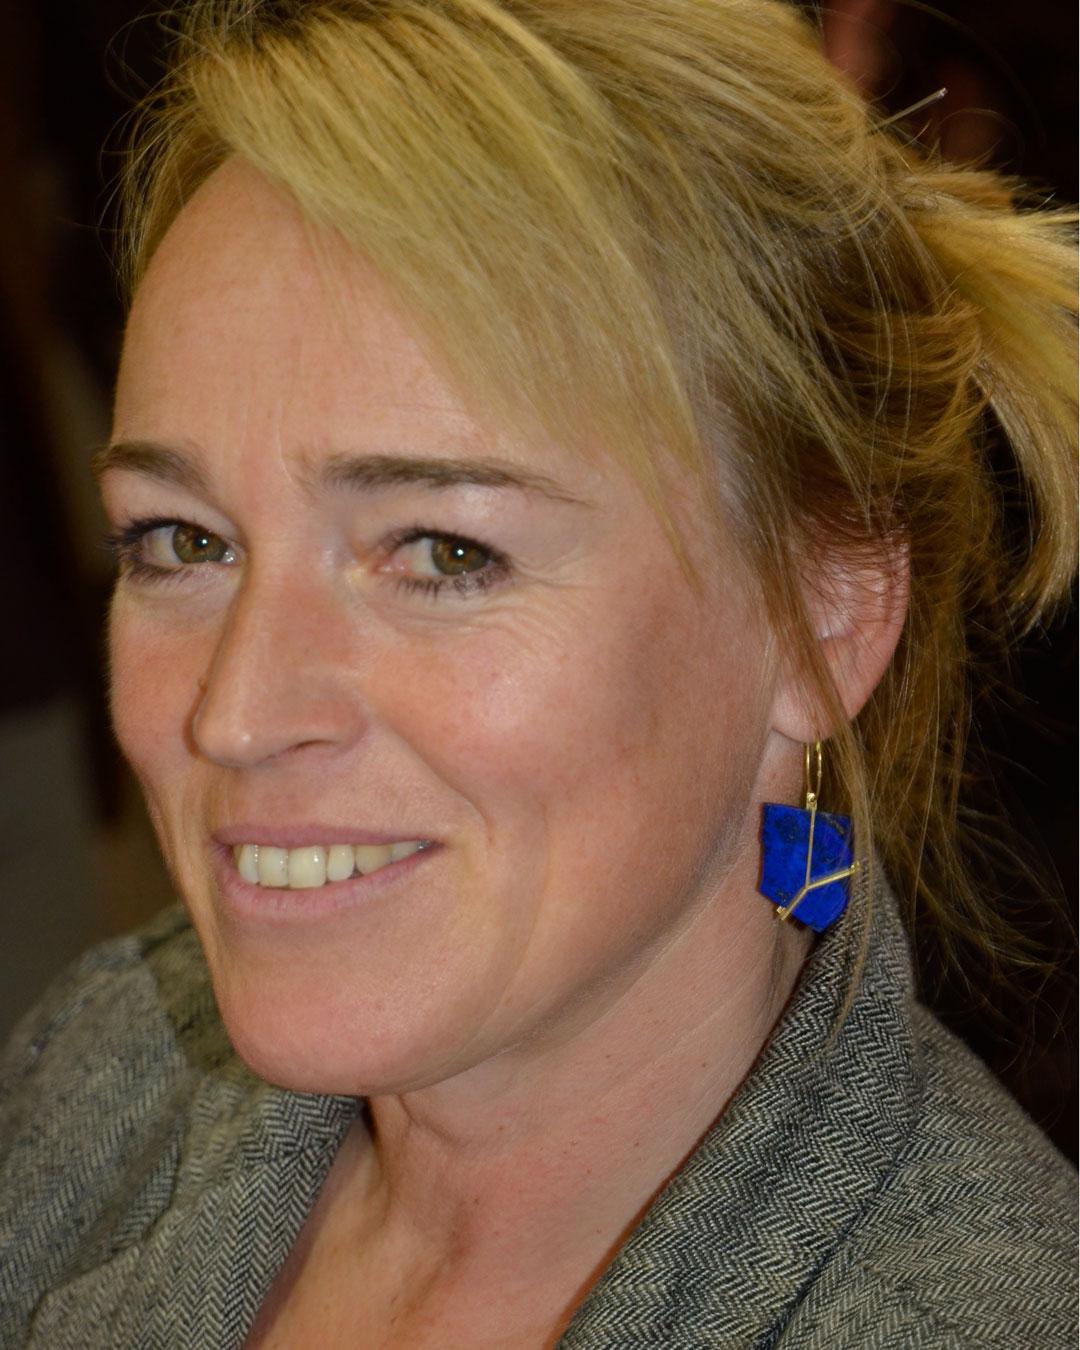 Andrea Wippermann, 2009